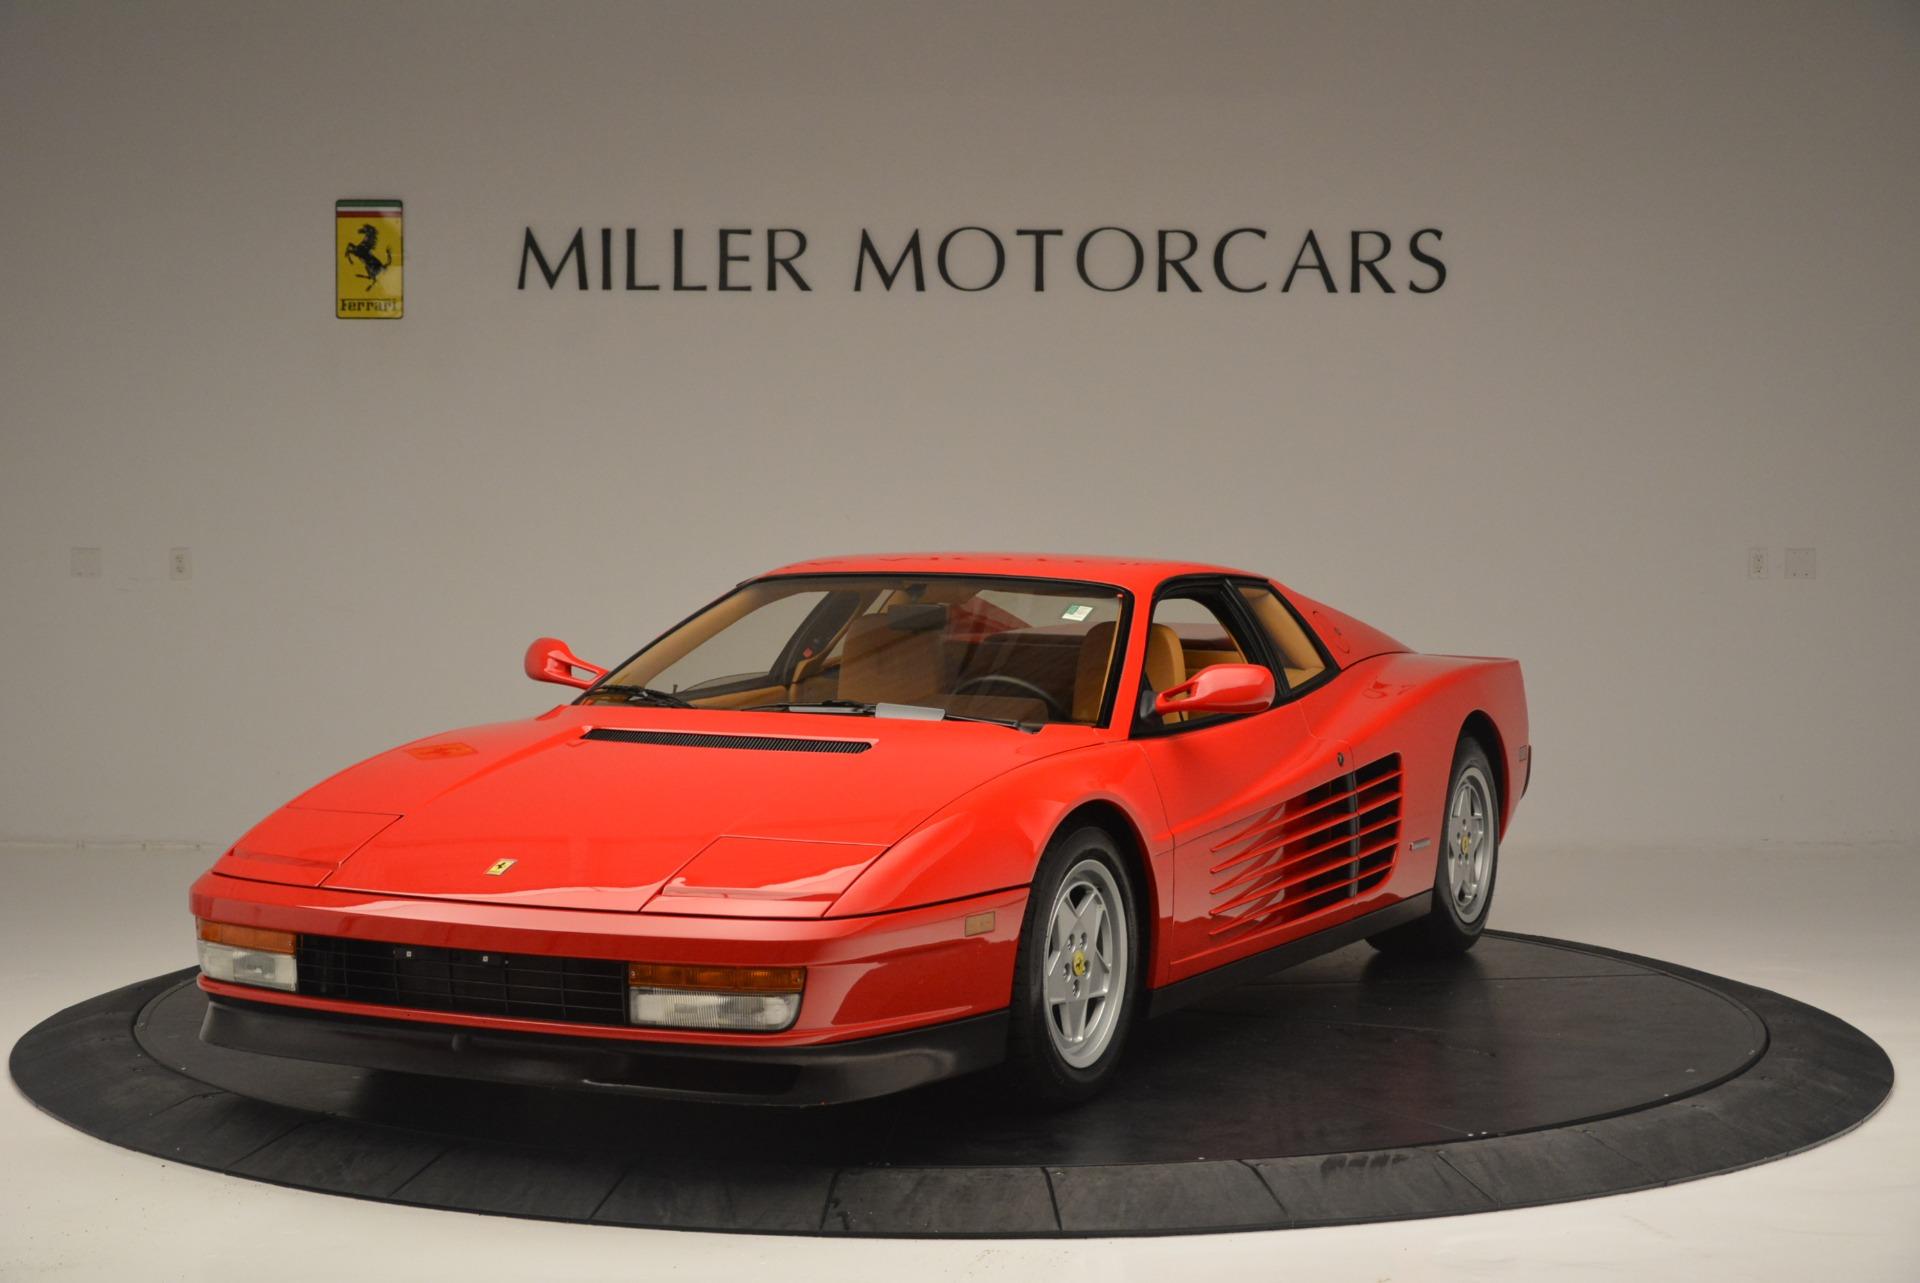 Used 1990 Ferrari Testarossa for sale Sold at Alfa Romeo of Greenwich in Greenwich CT 06830 1